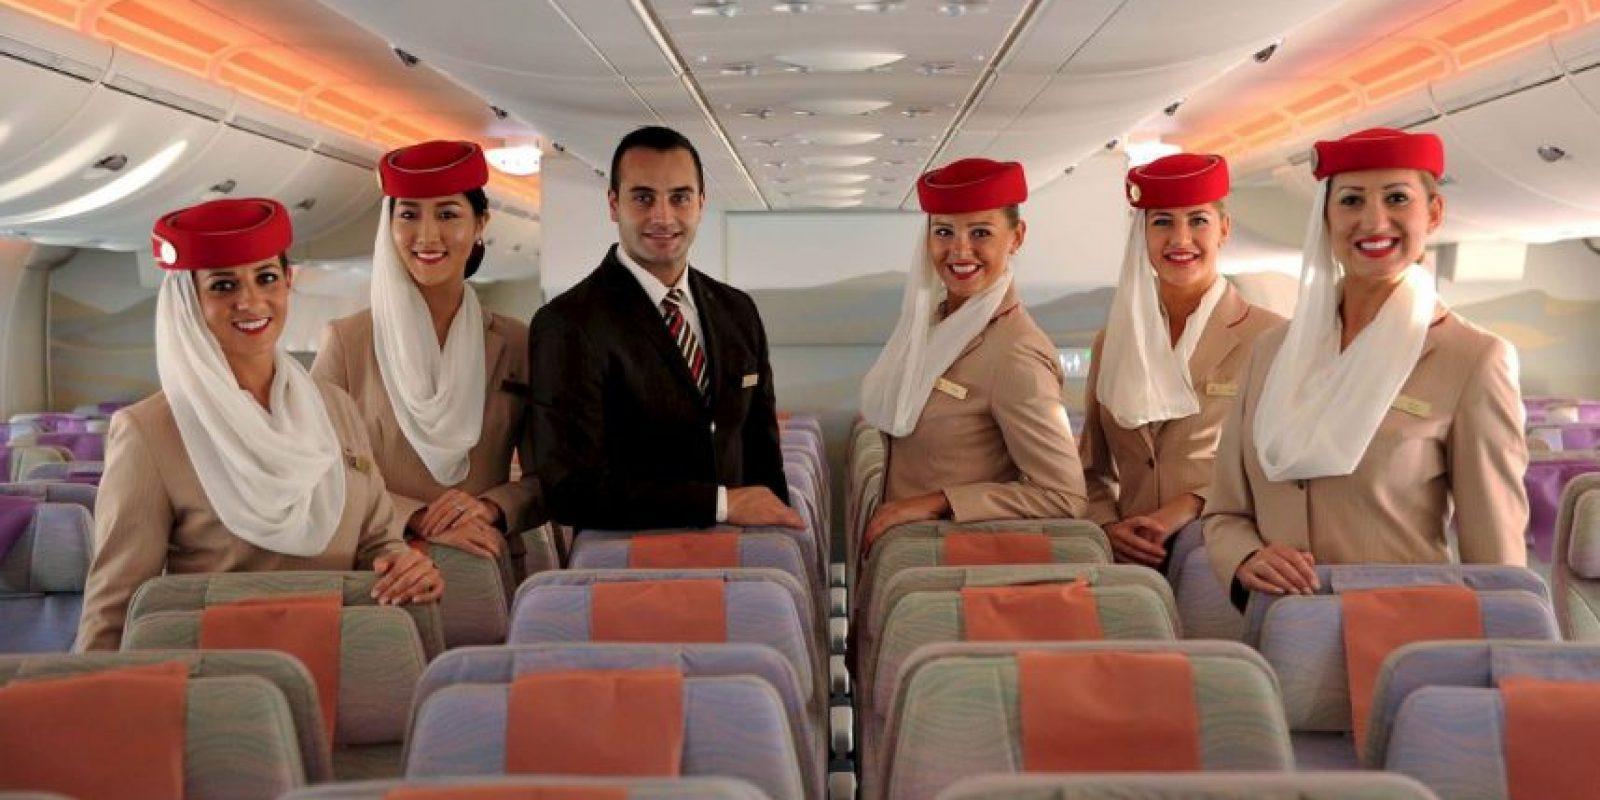 La compañía agregó 130 asientos luego de eliminar su primera clase. Foto:Vía facebook.com/Emirates